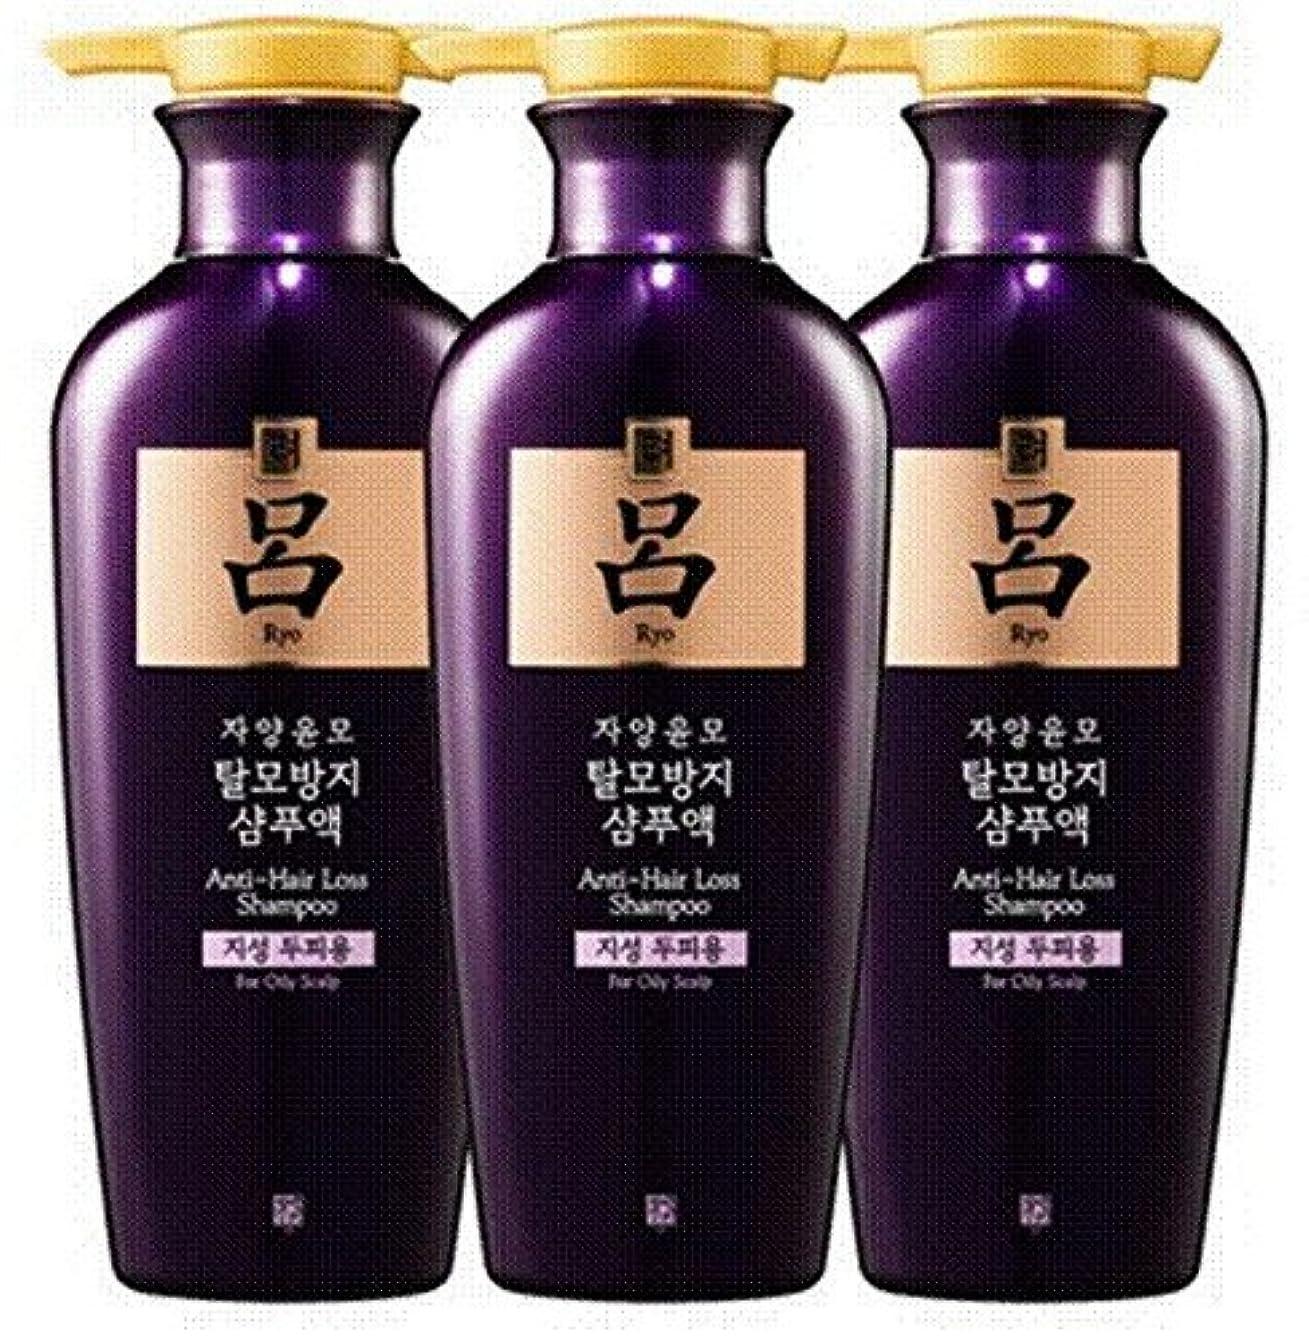 豊かにするくちばし離すの脱毛防止シャンプー(アモーレパシフィック)呂 う者ヤンユンモ脱毛防止シャンプー脂性頭皮用RYO Anti Hair Loss Shampoo400ml X3(海外直送品)[並行輸入品]